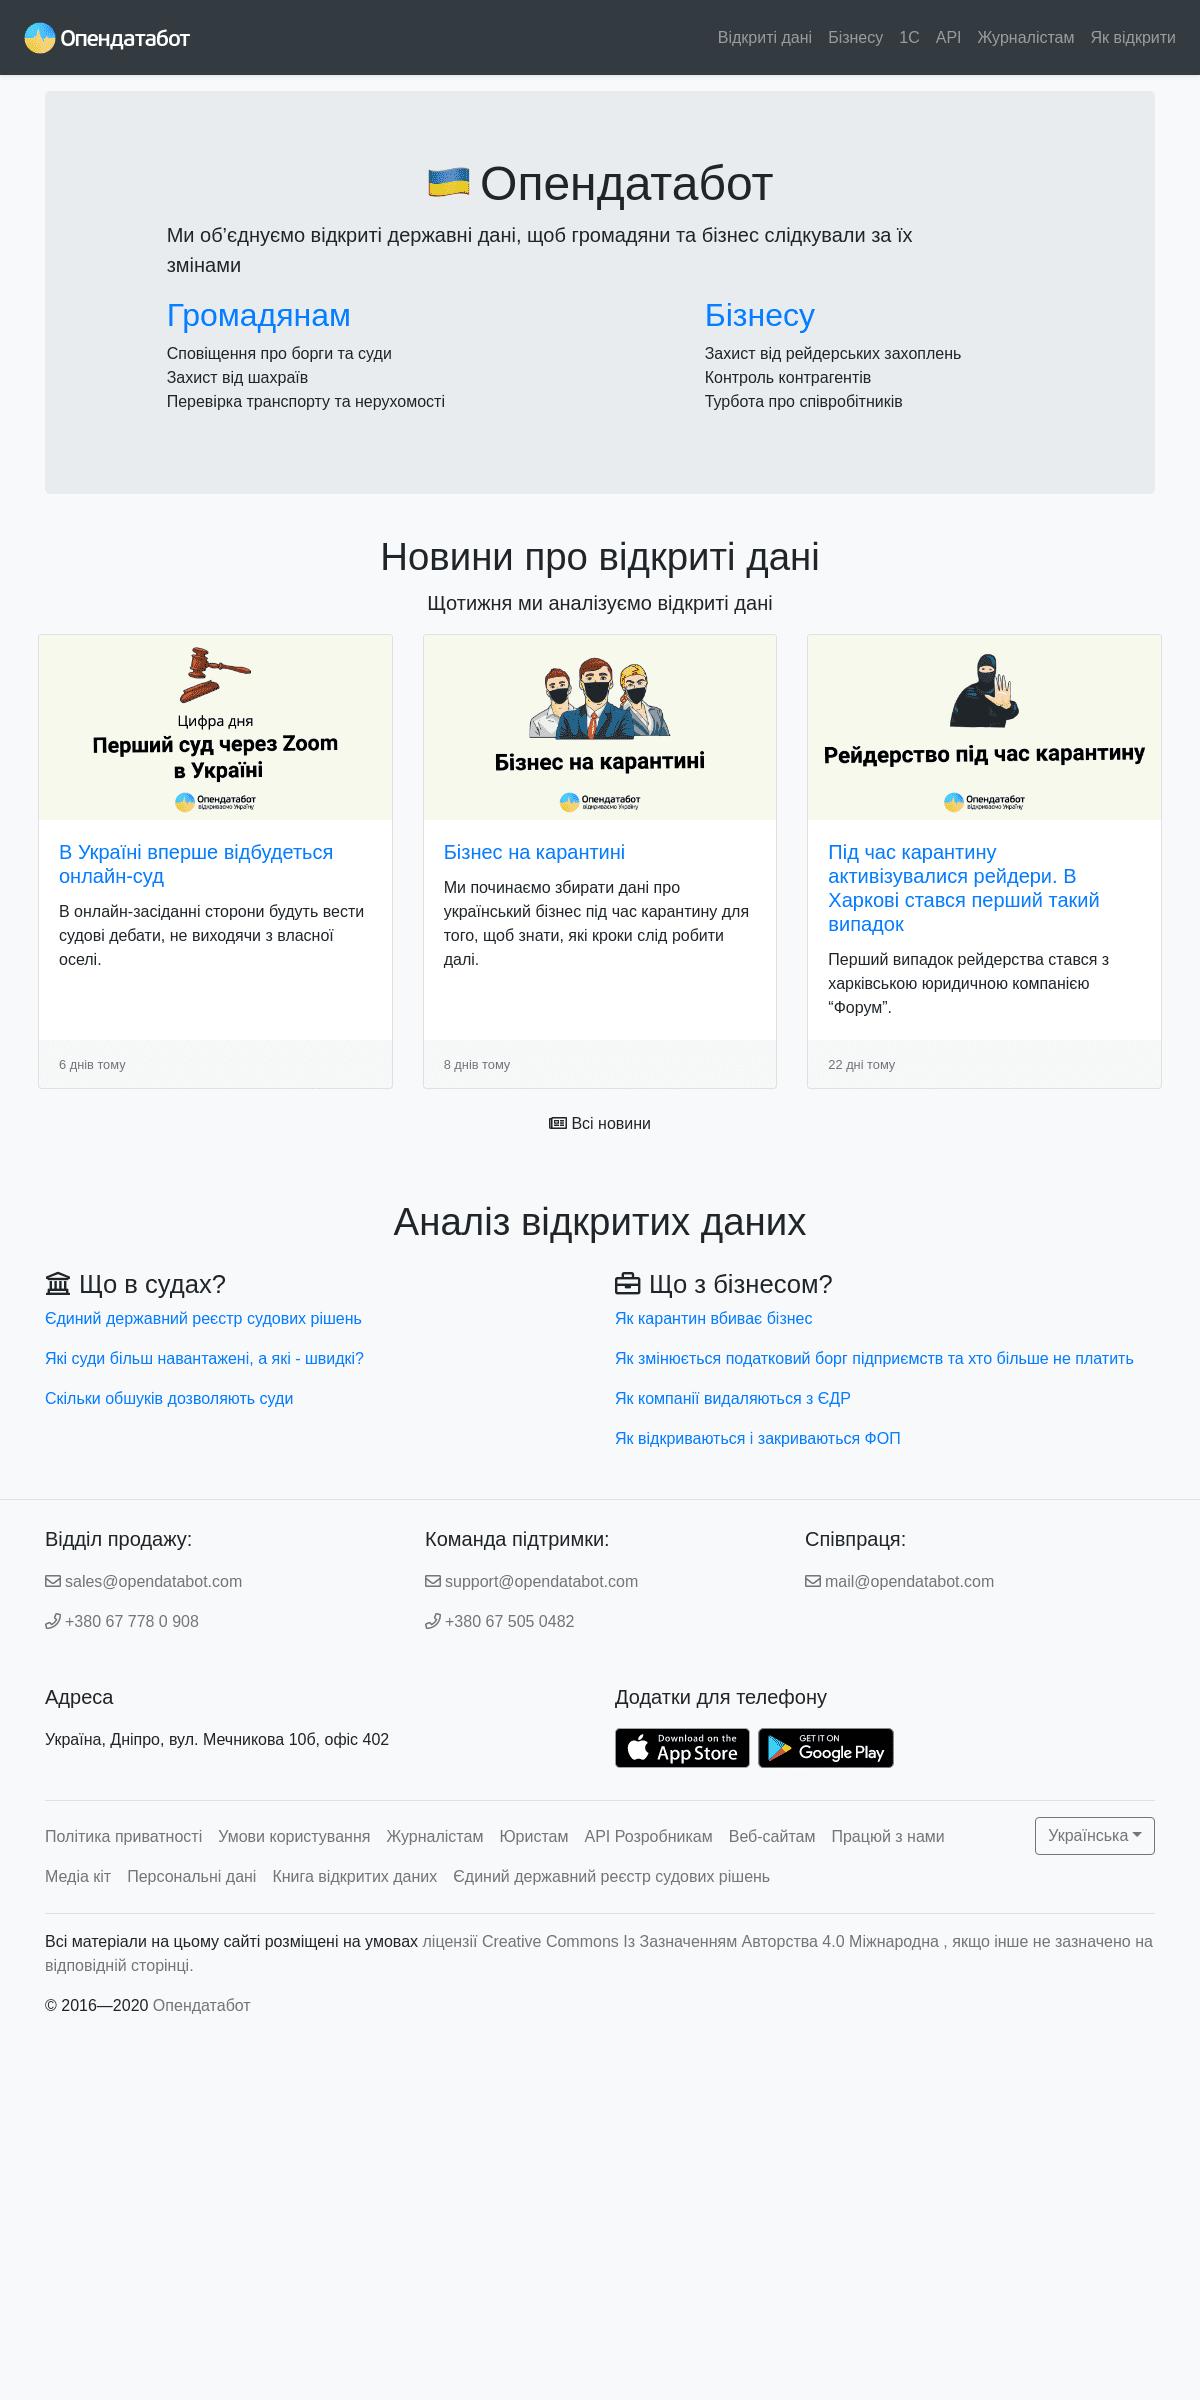 ArchiveBay.com - opendatabot.ua - Opendatabot —відкриті дані